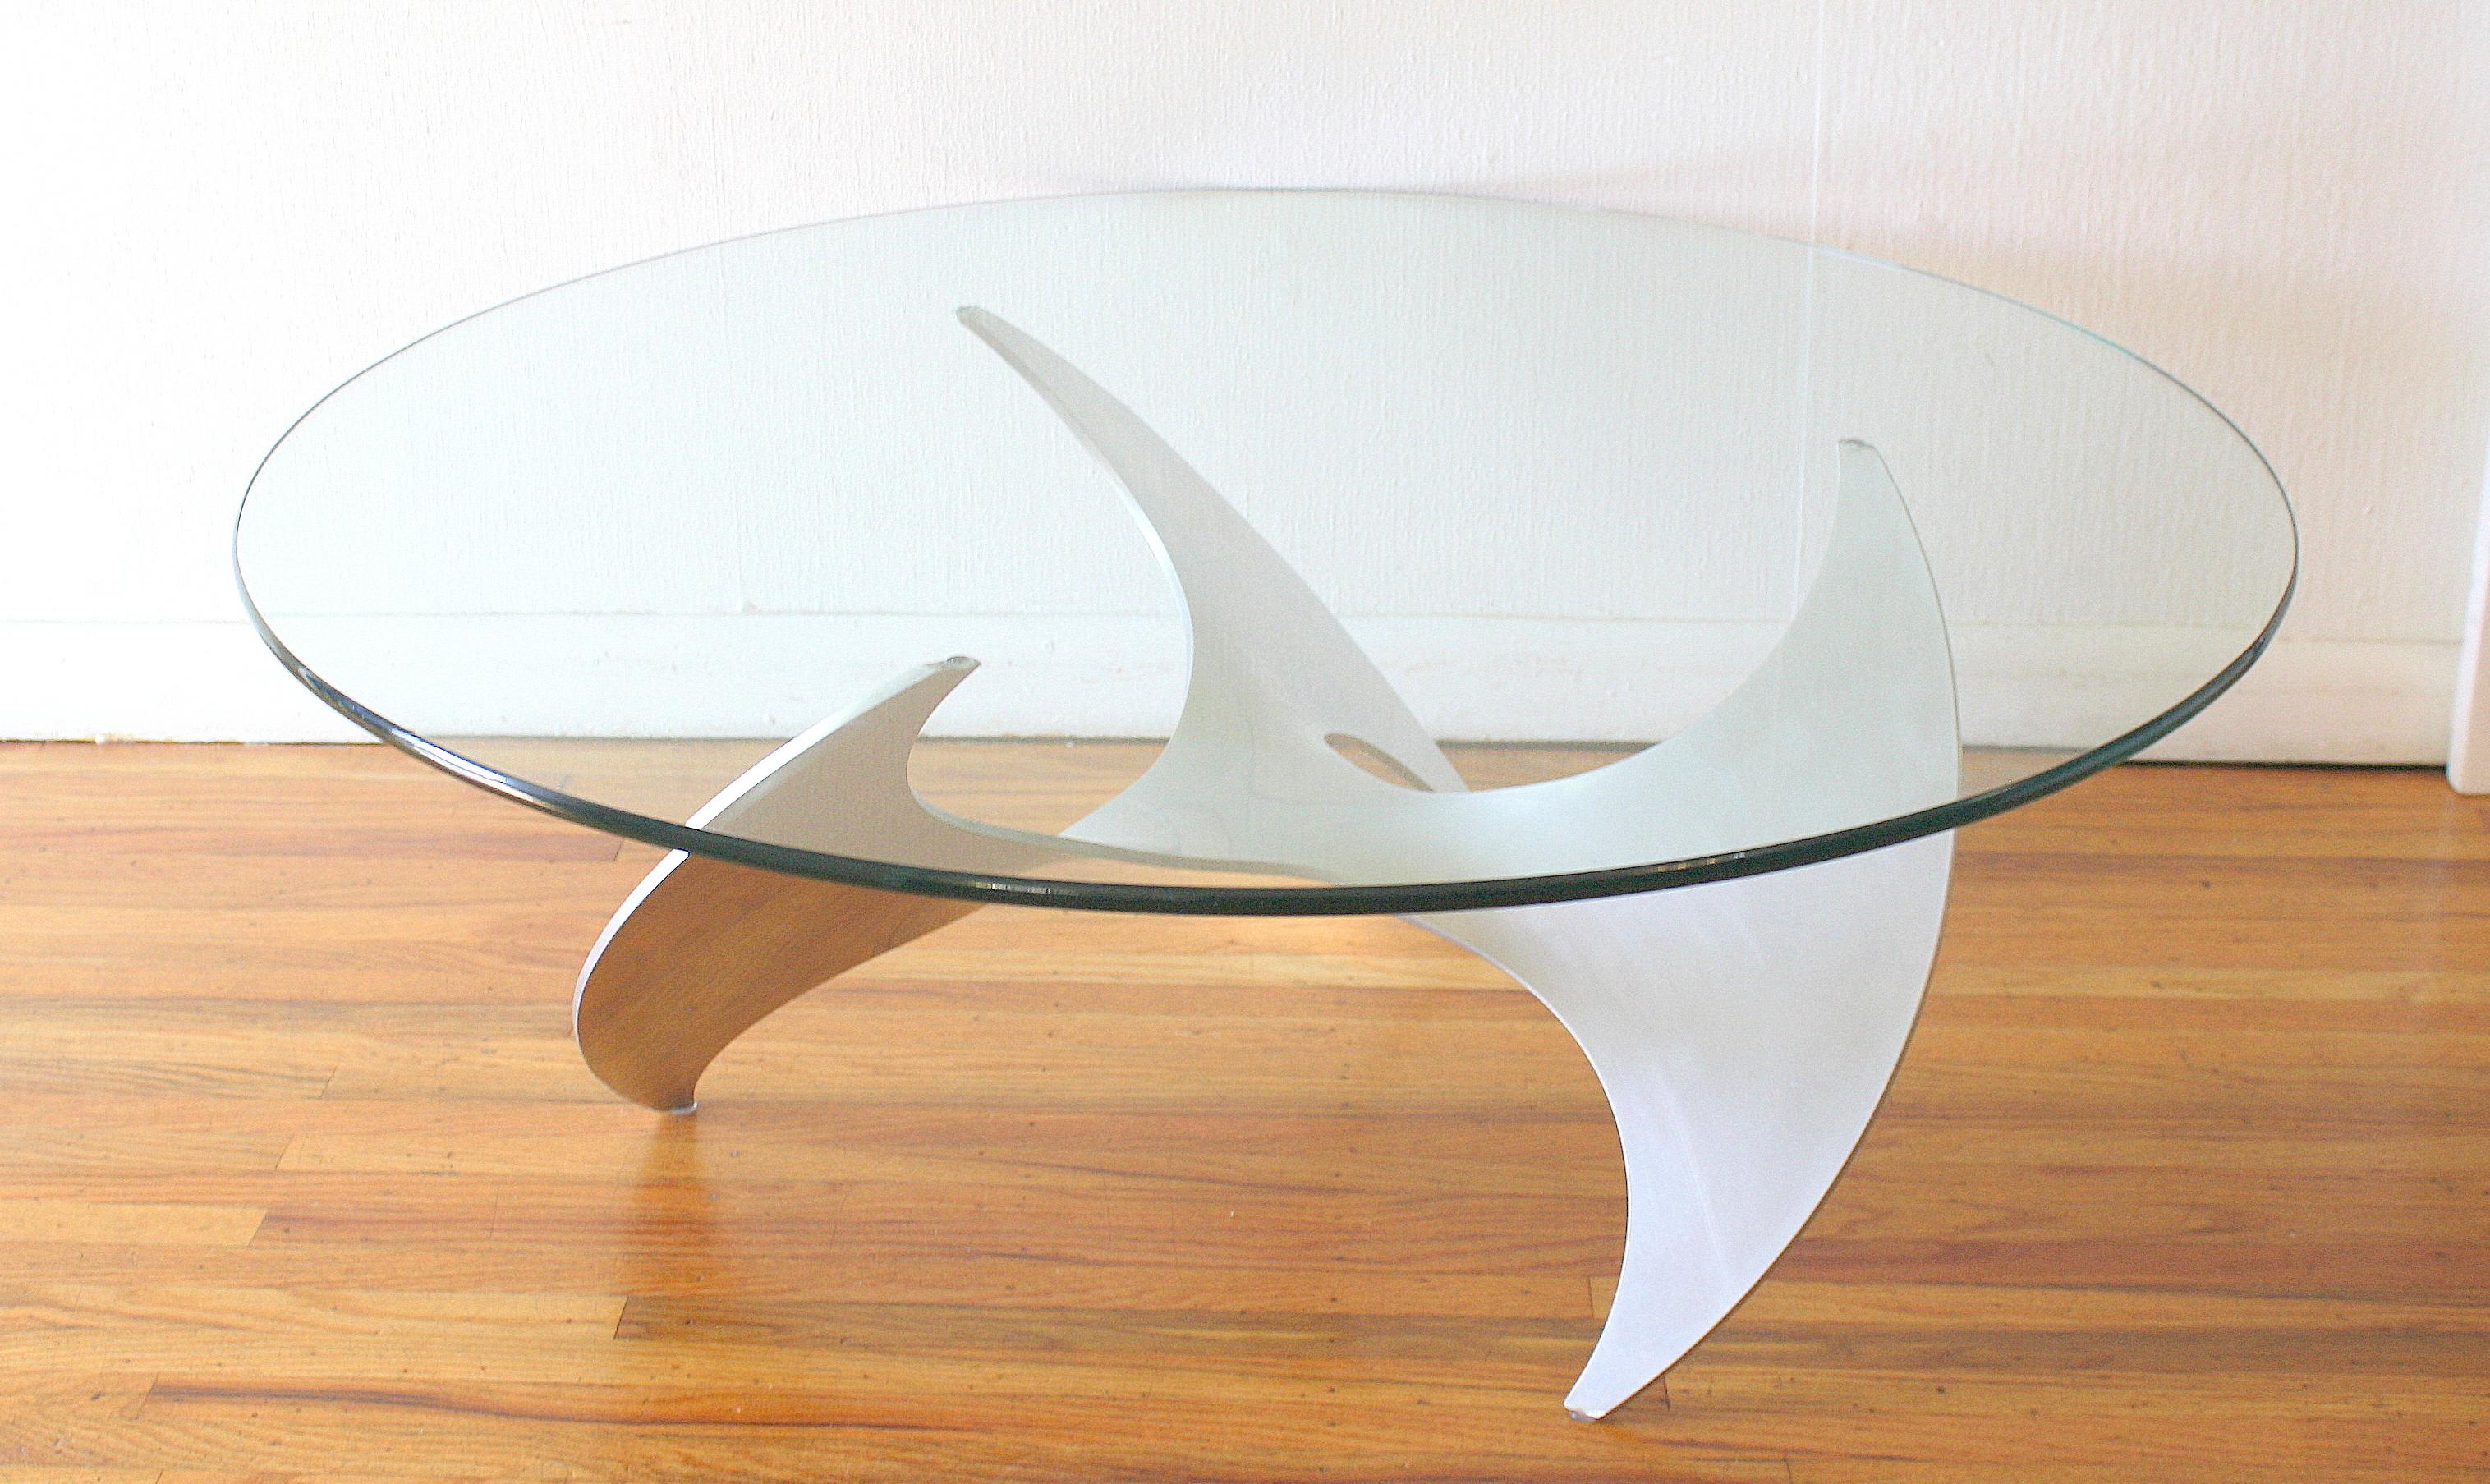 mcm propeller base coffee table 3.JPG